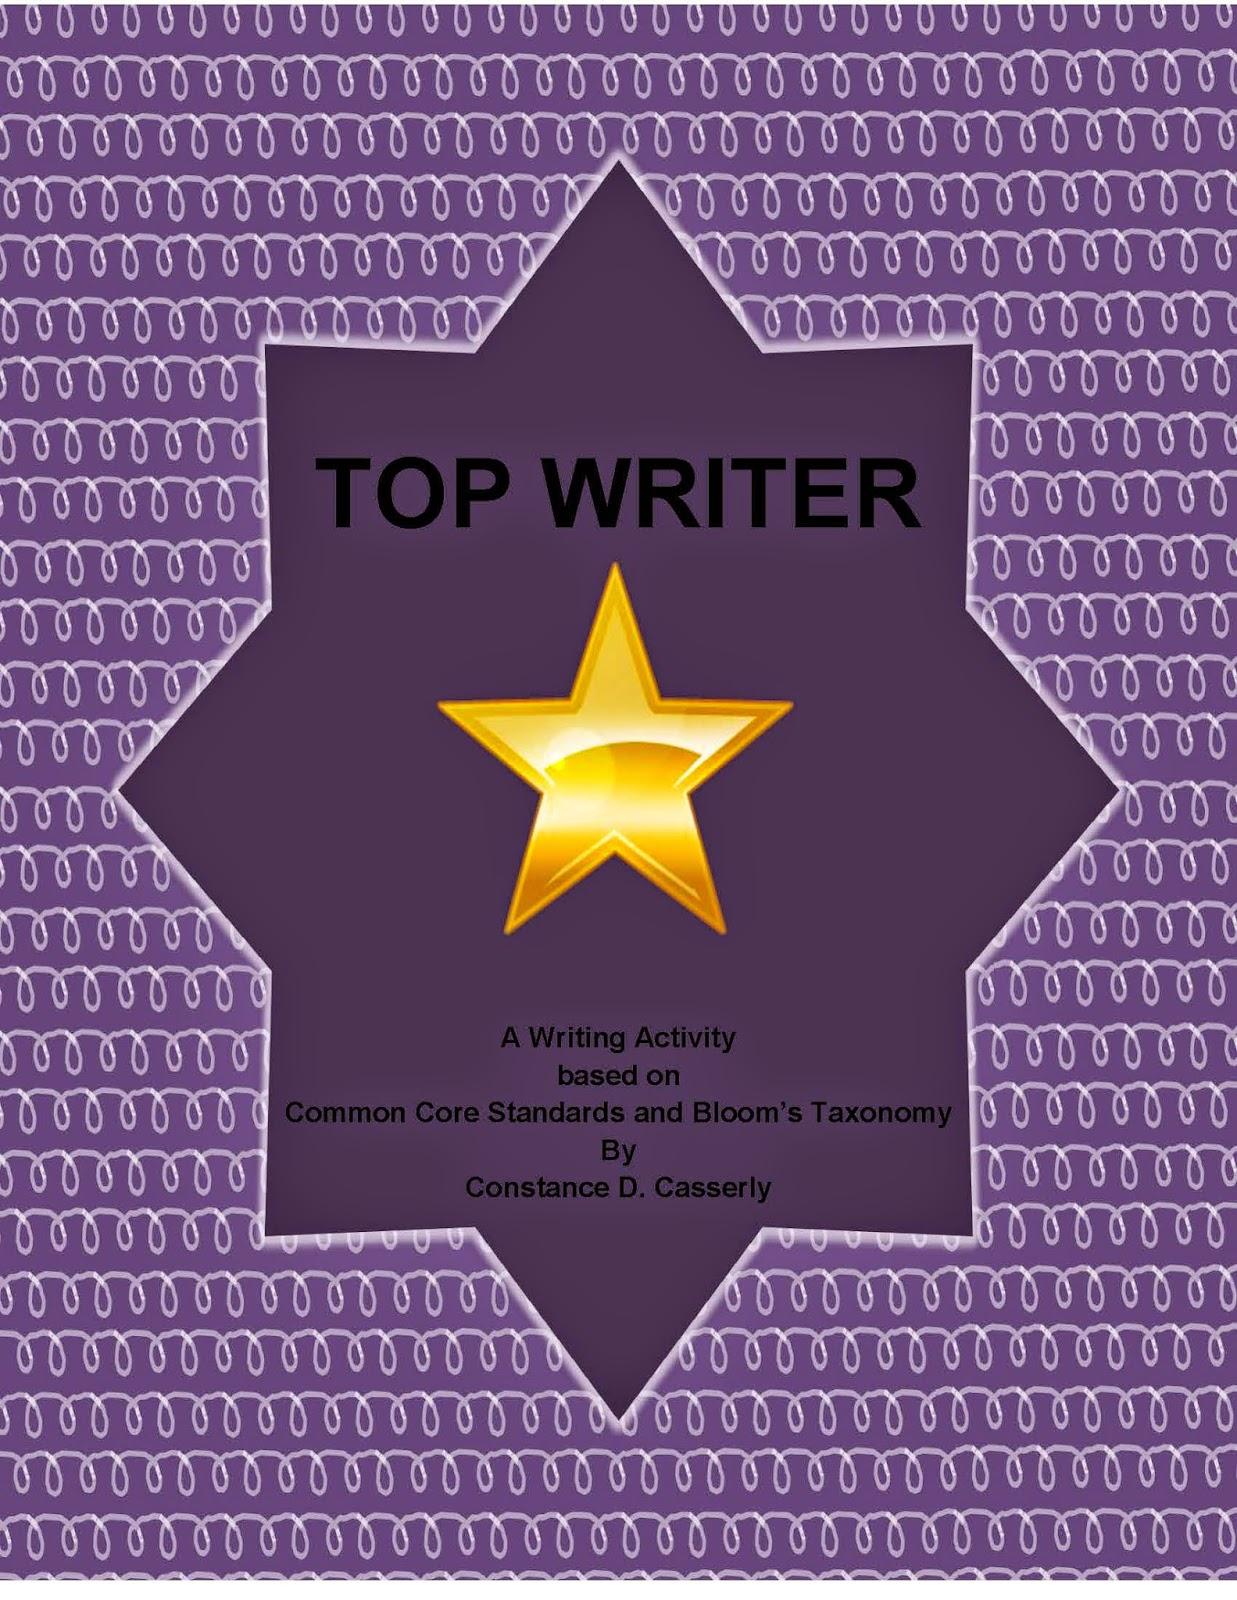 Writing: Top Writer